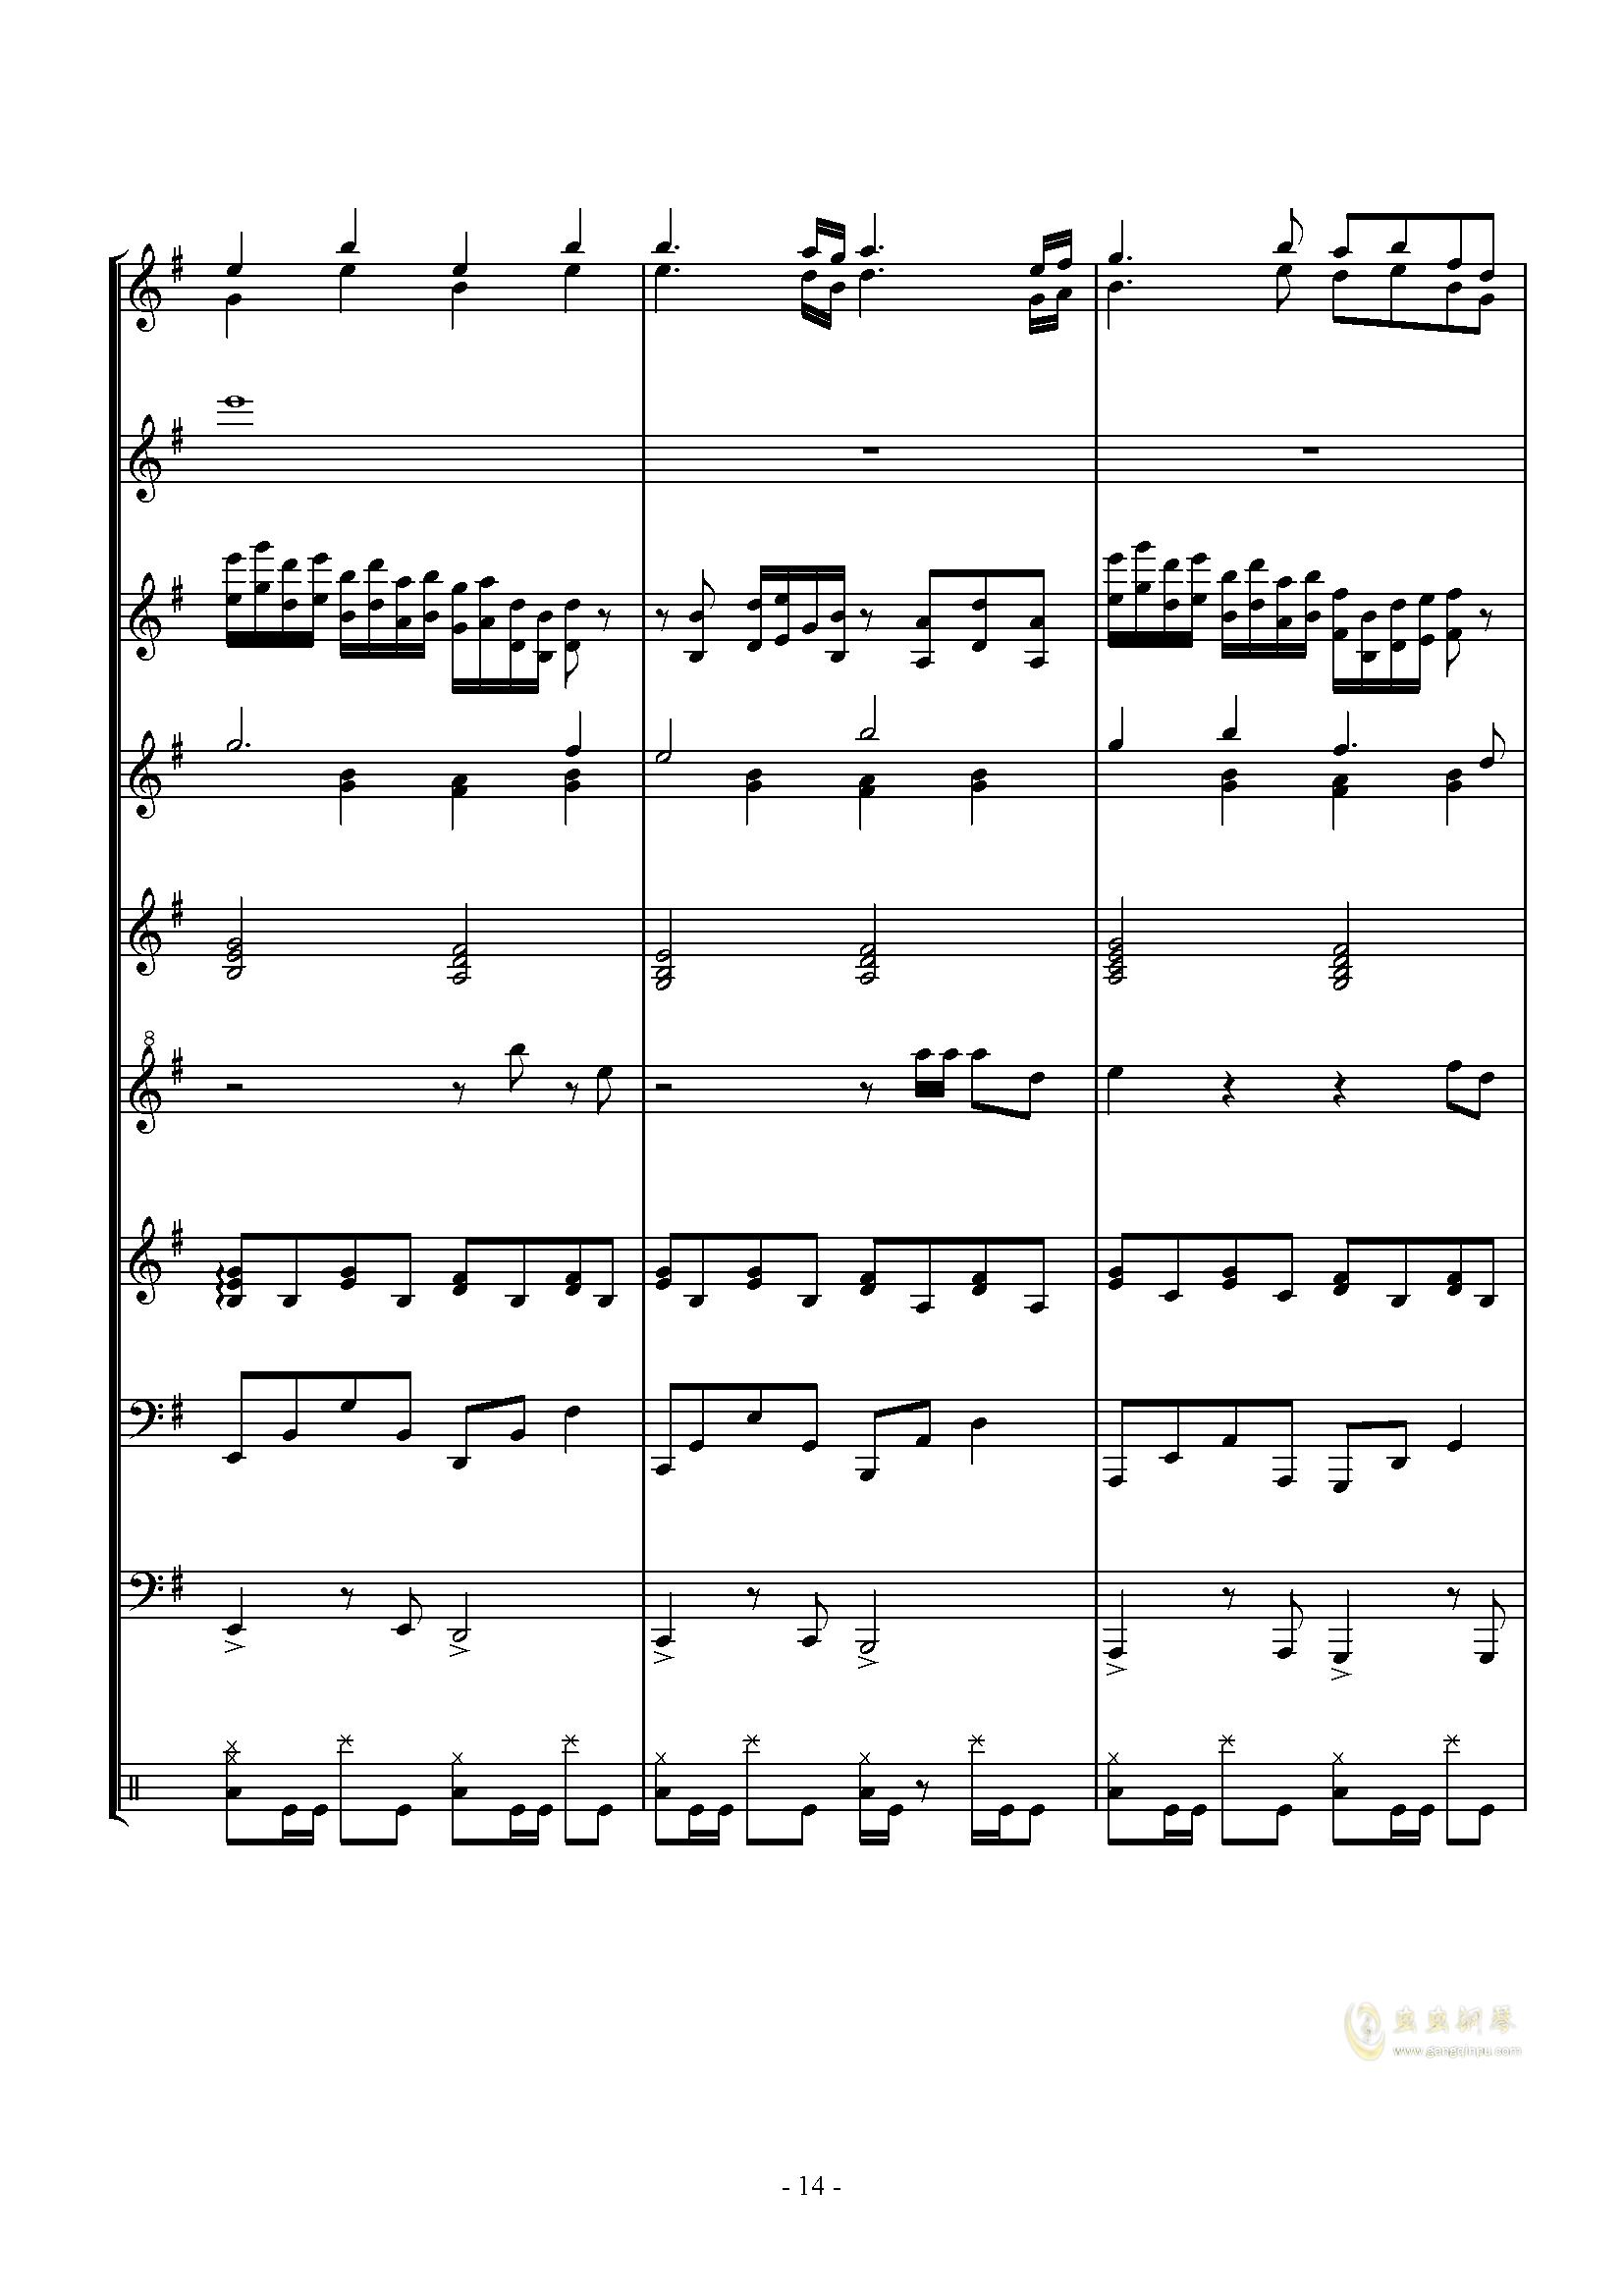 キミガタメ钢琴谱 第14页